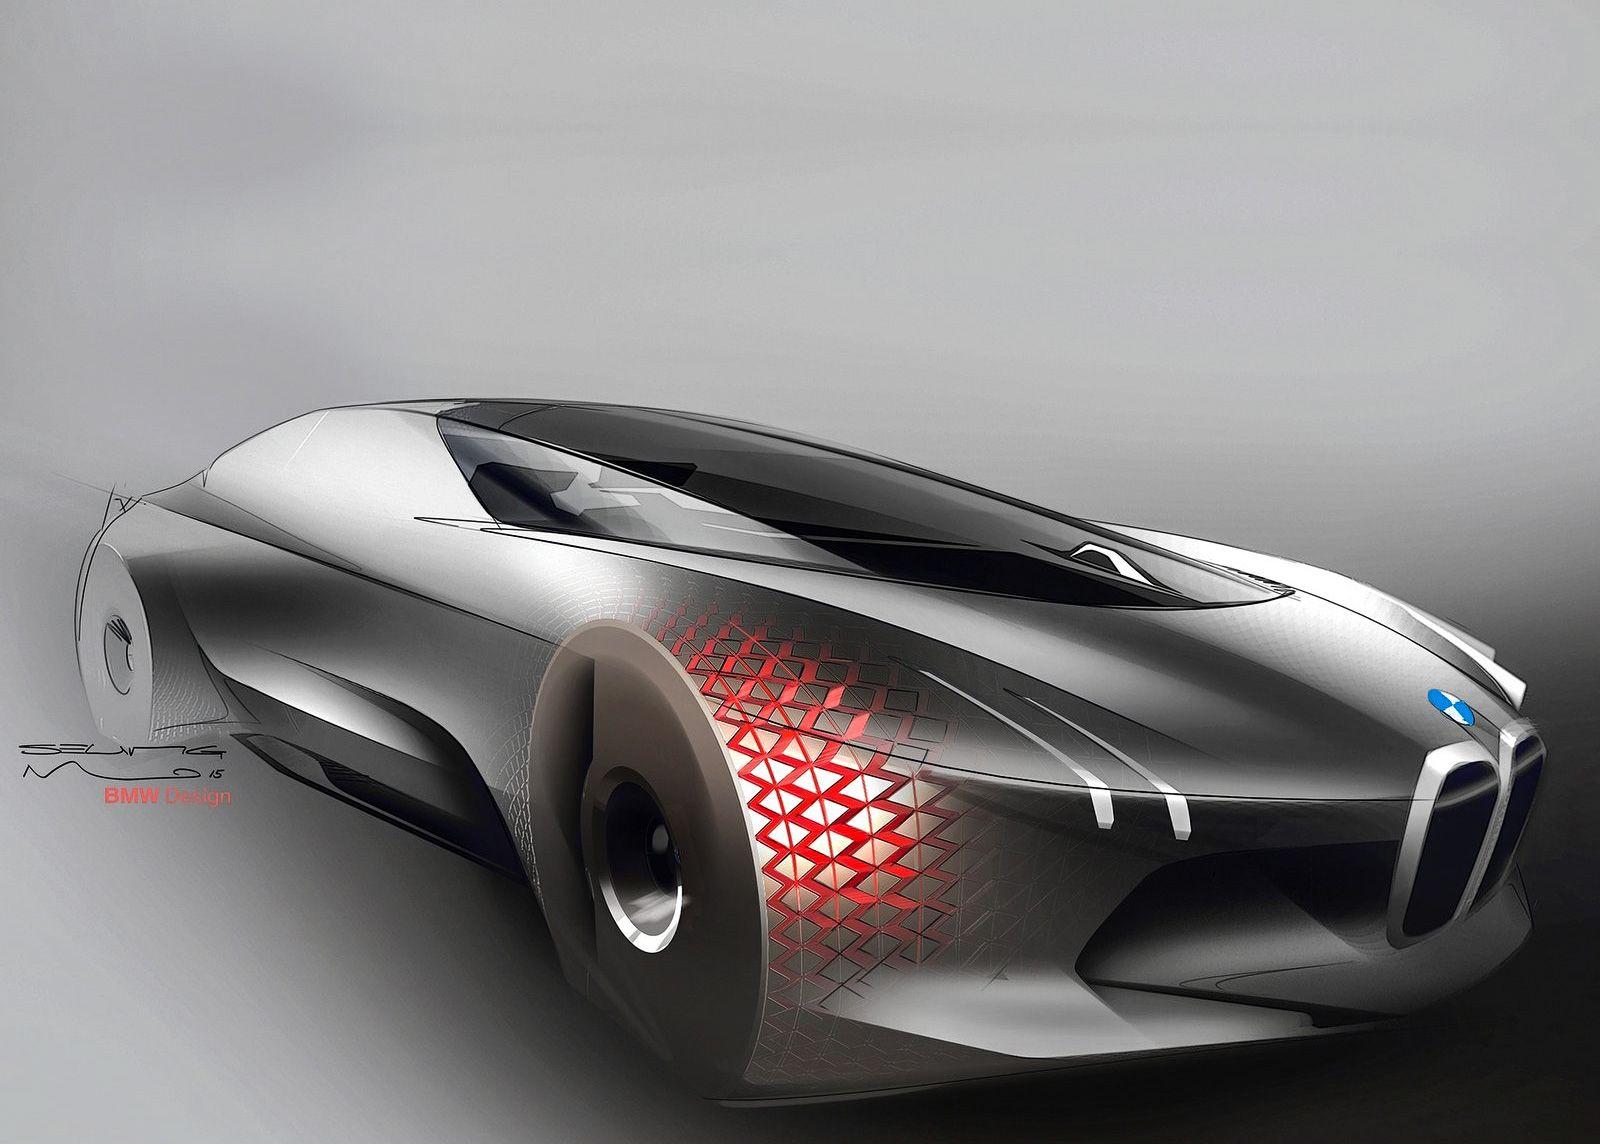 BMW New Car >> New Car Bmw Vision Next 100 Concept Car Design News